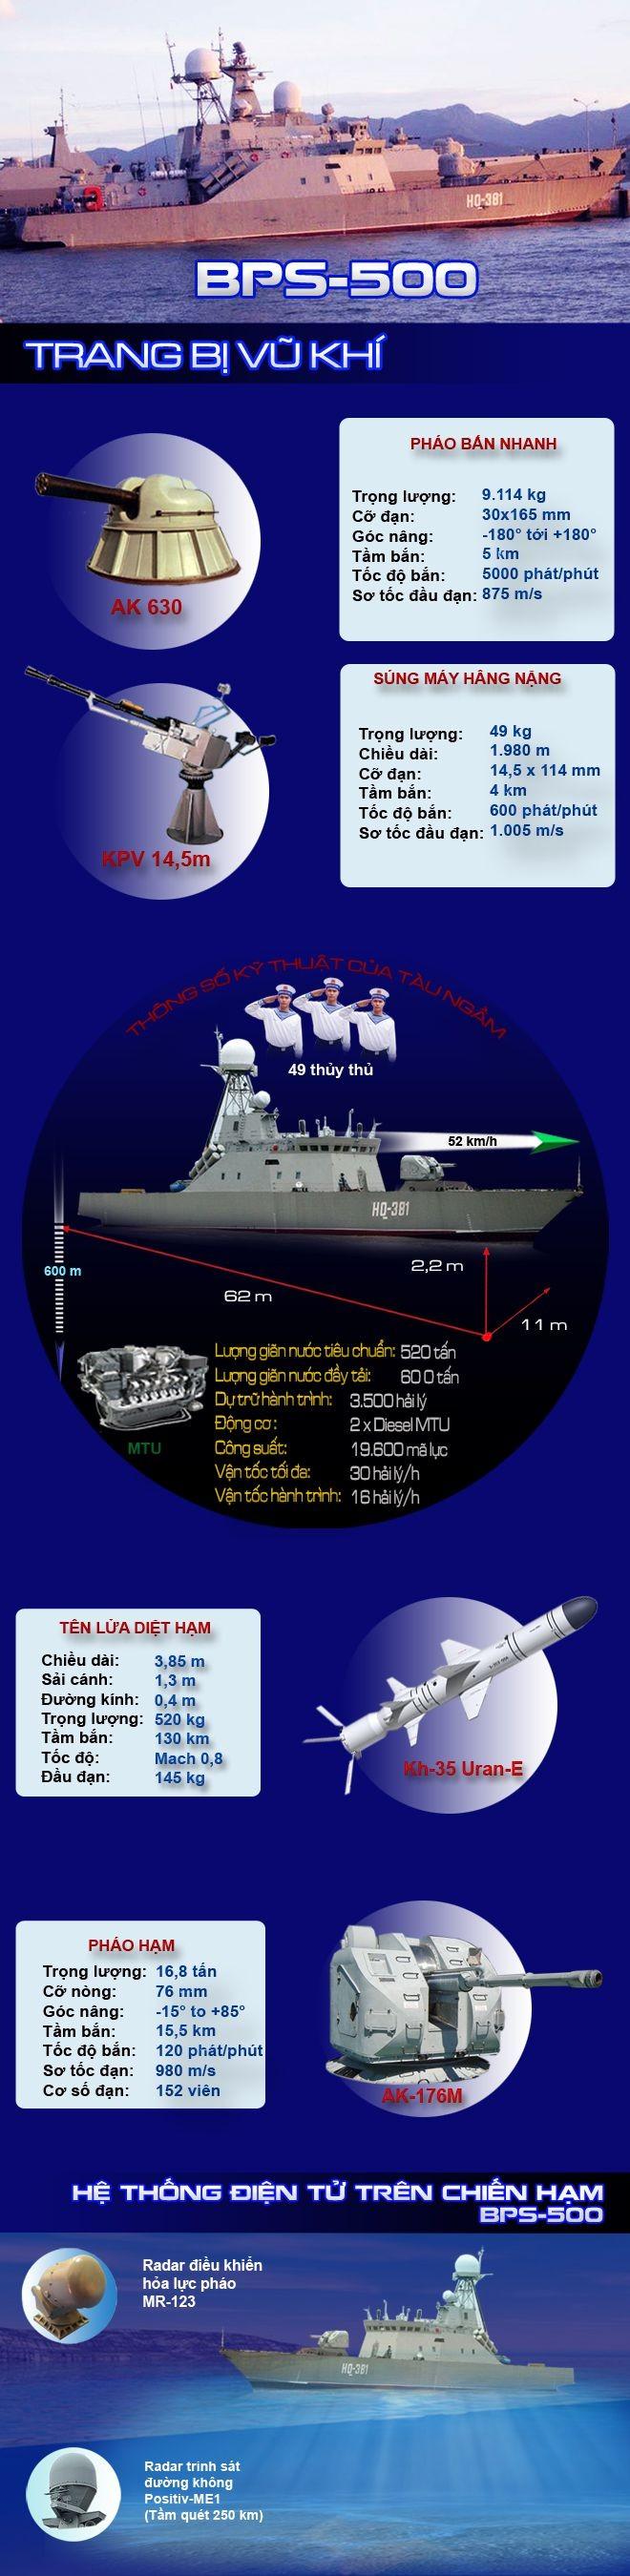 [Infographic] BPS-500 - Niềm tự hào của công nghiệp đóng tàu Việt Nam